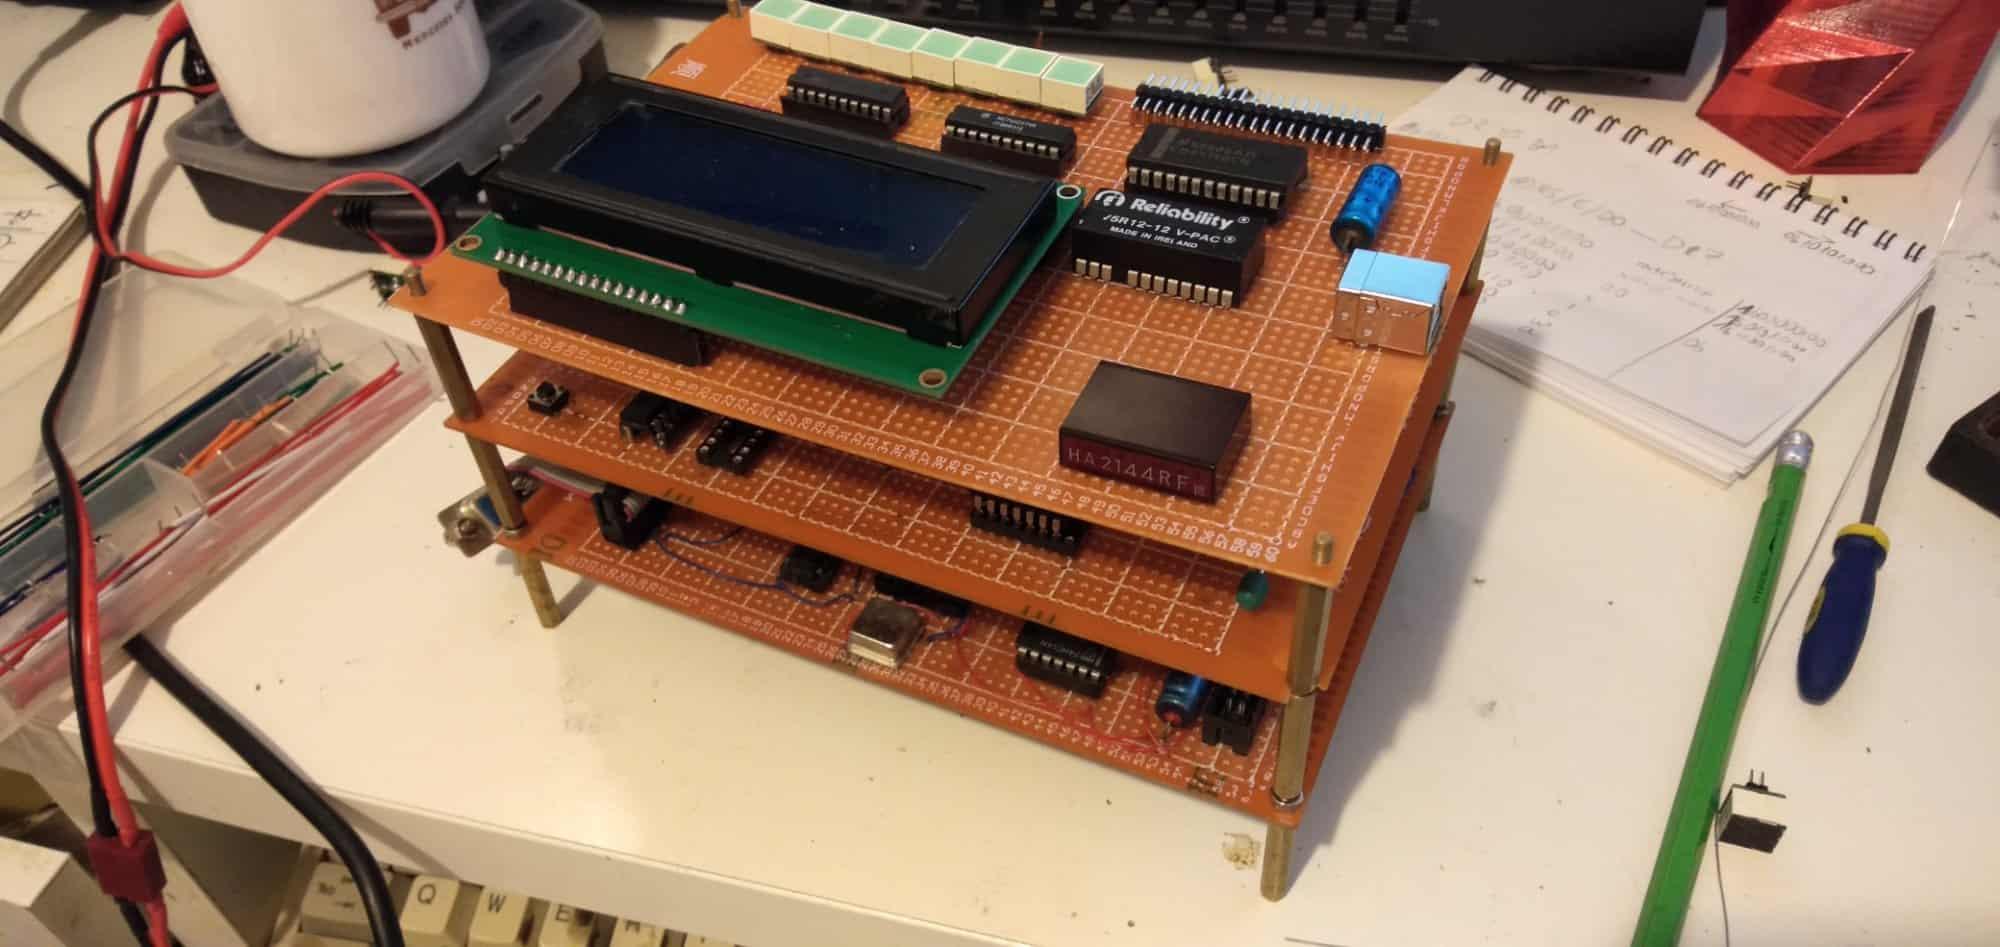 iNap PC - kolejny komputer oparty na Z80